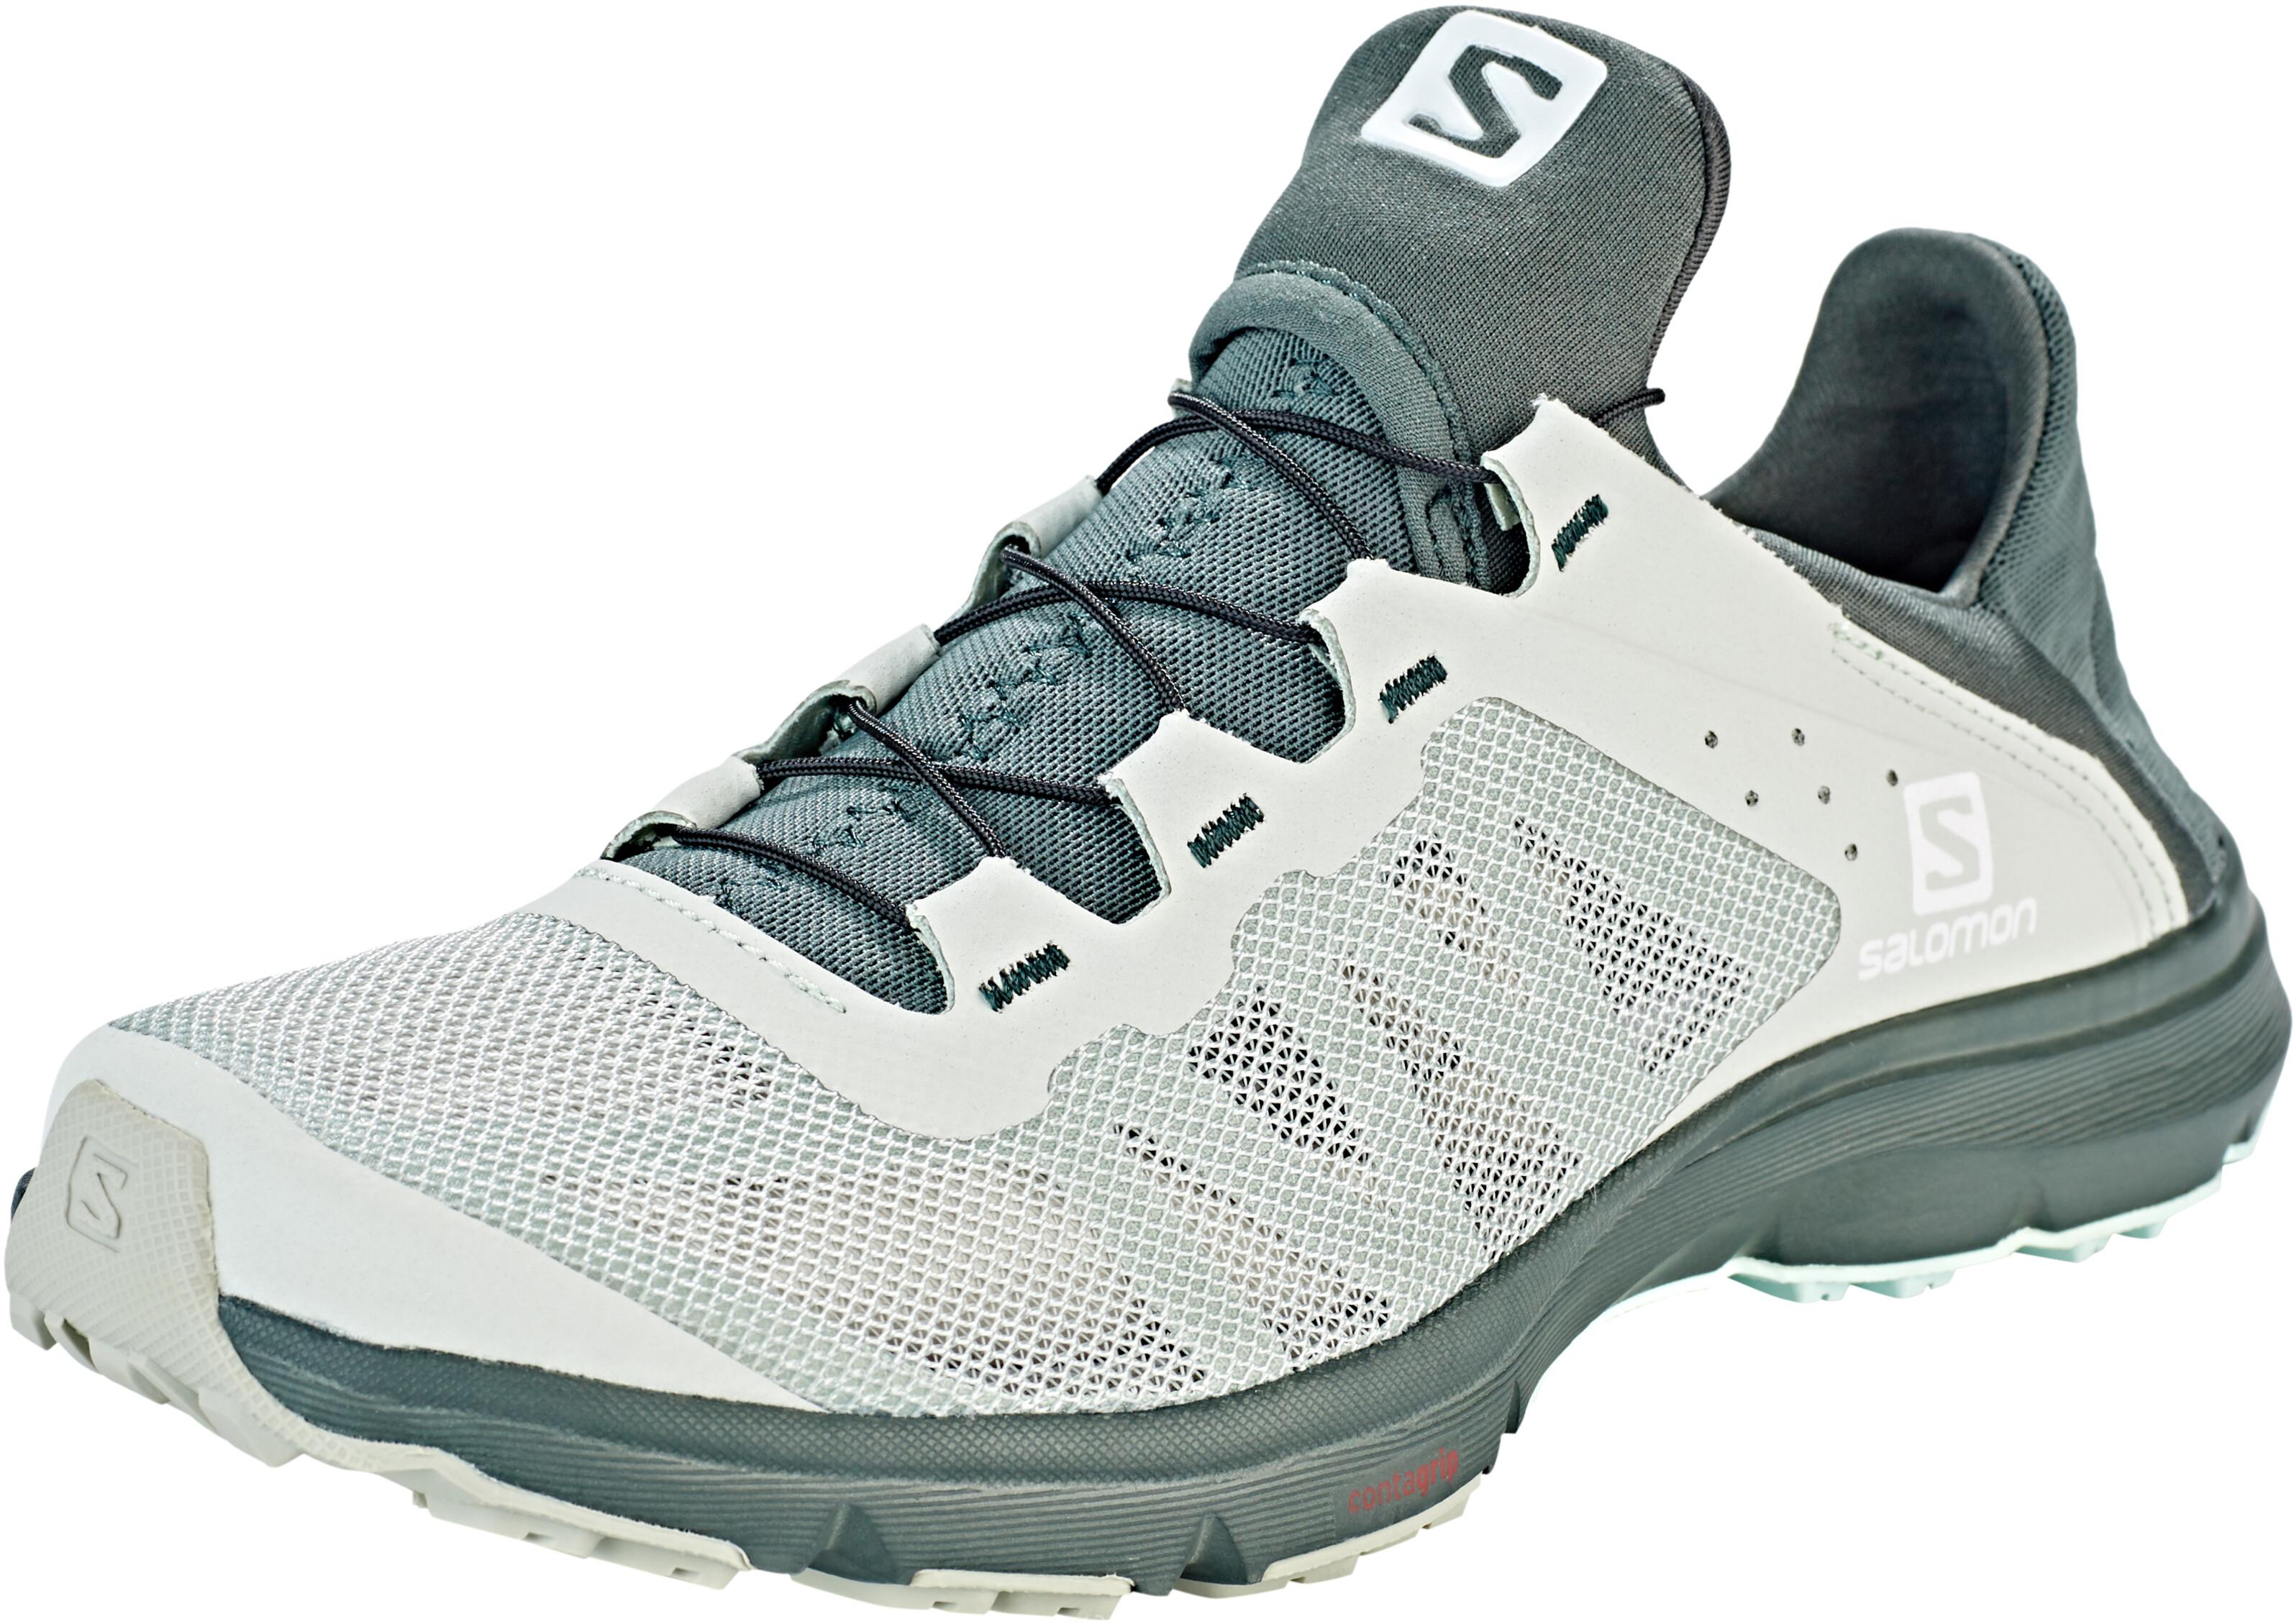 1c45b044 Salomon Amphib Bold Shoes Women mineral gray/crown blue/white